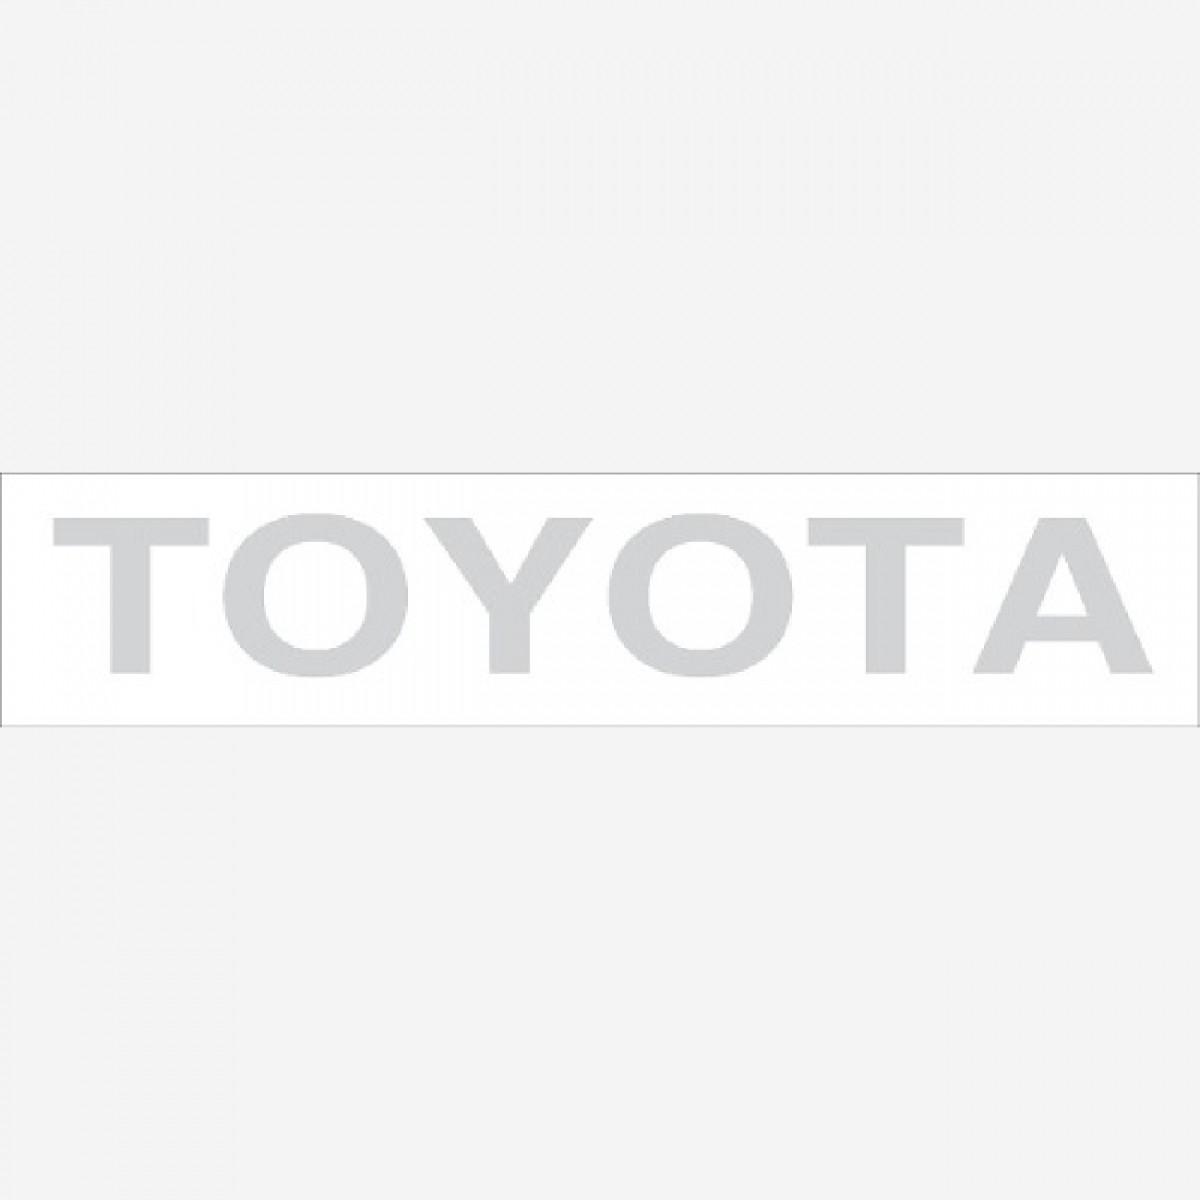 Adesivo Toyota Traseiro Hilux Em Prata Decalx